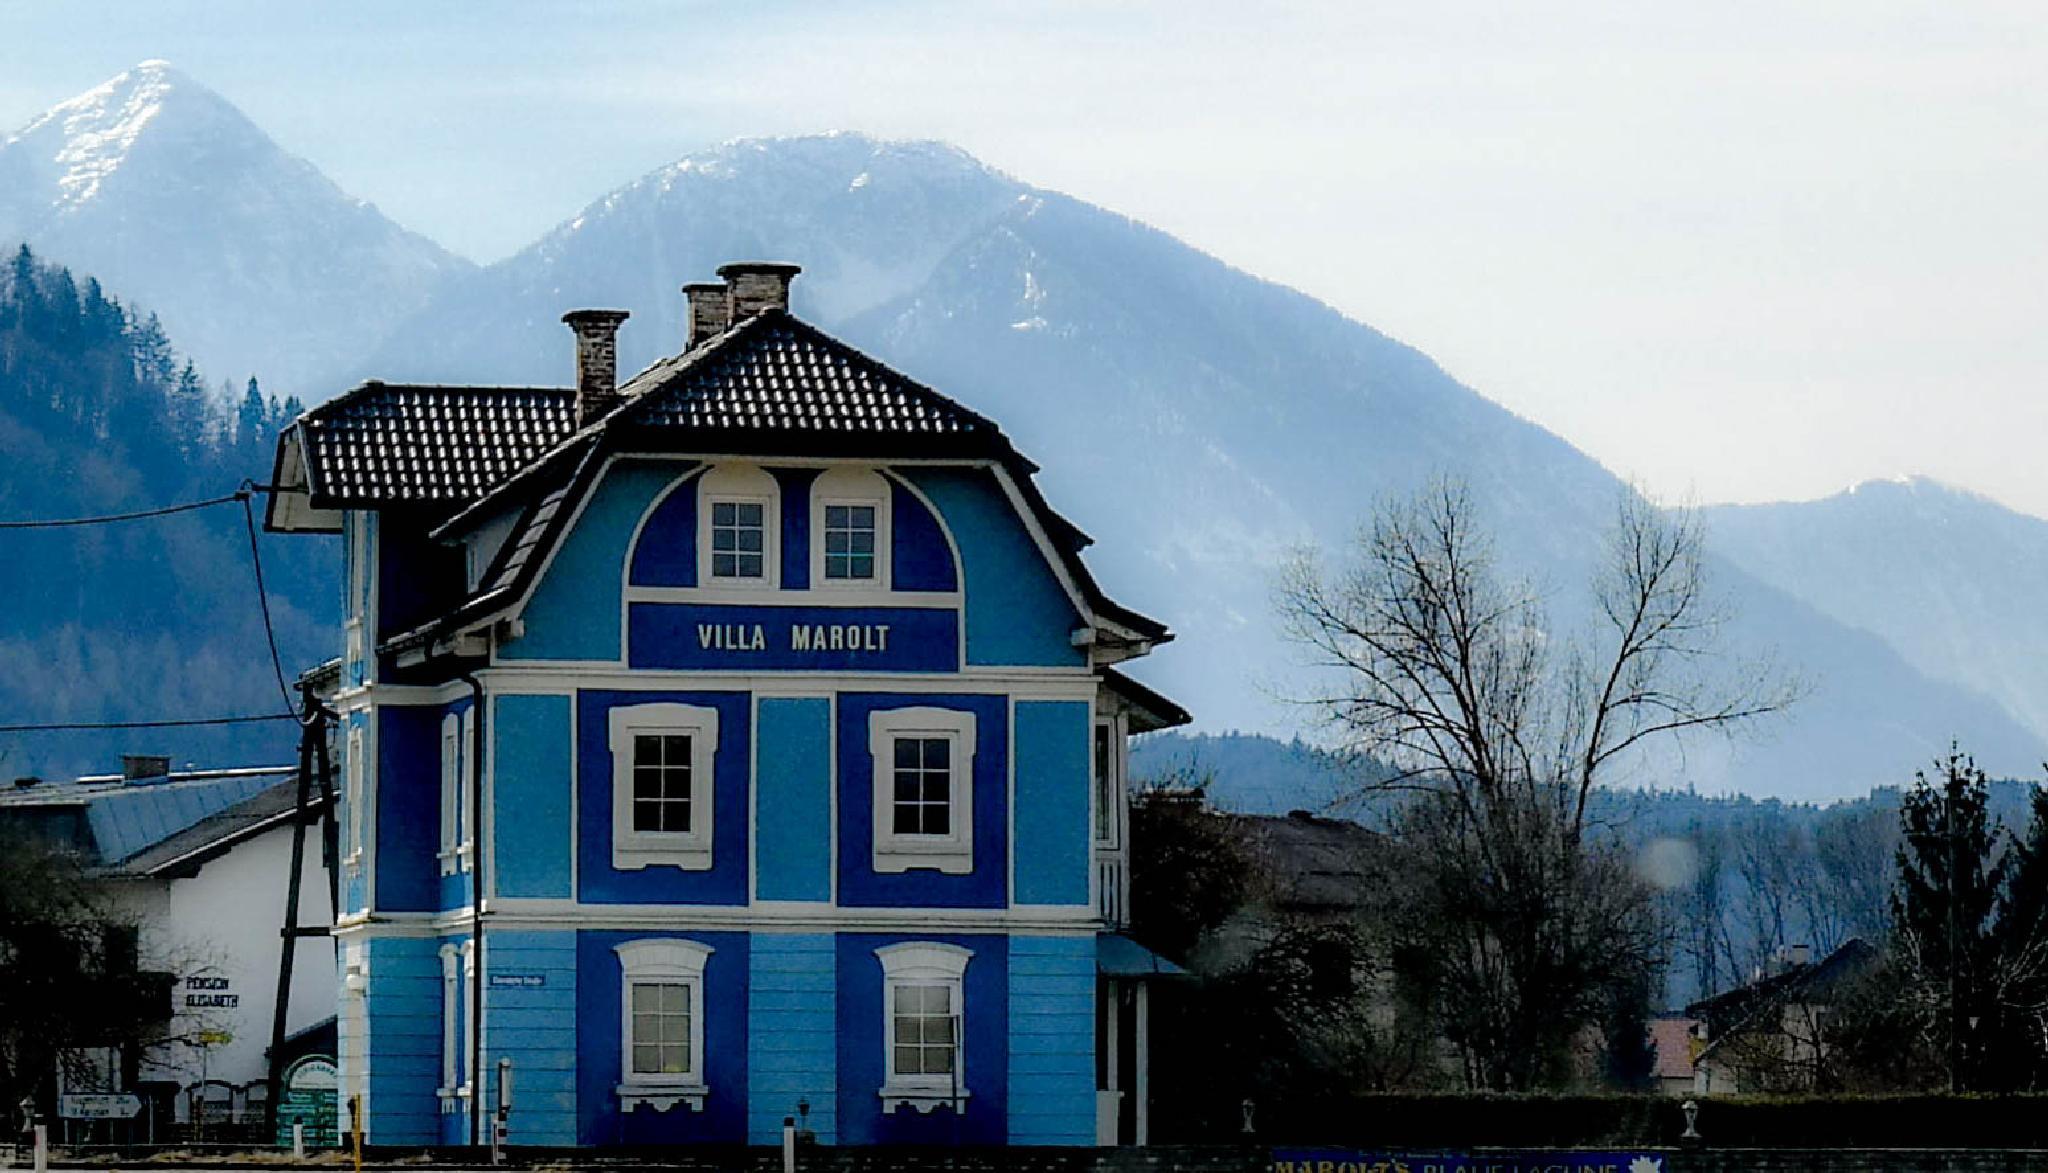 Blue Villa Marolt by Filip